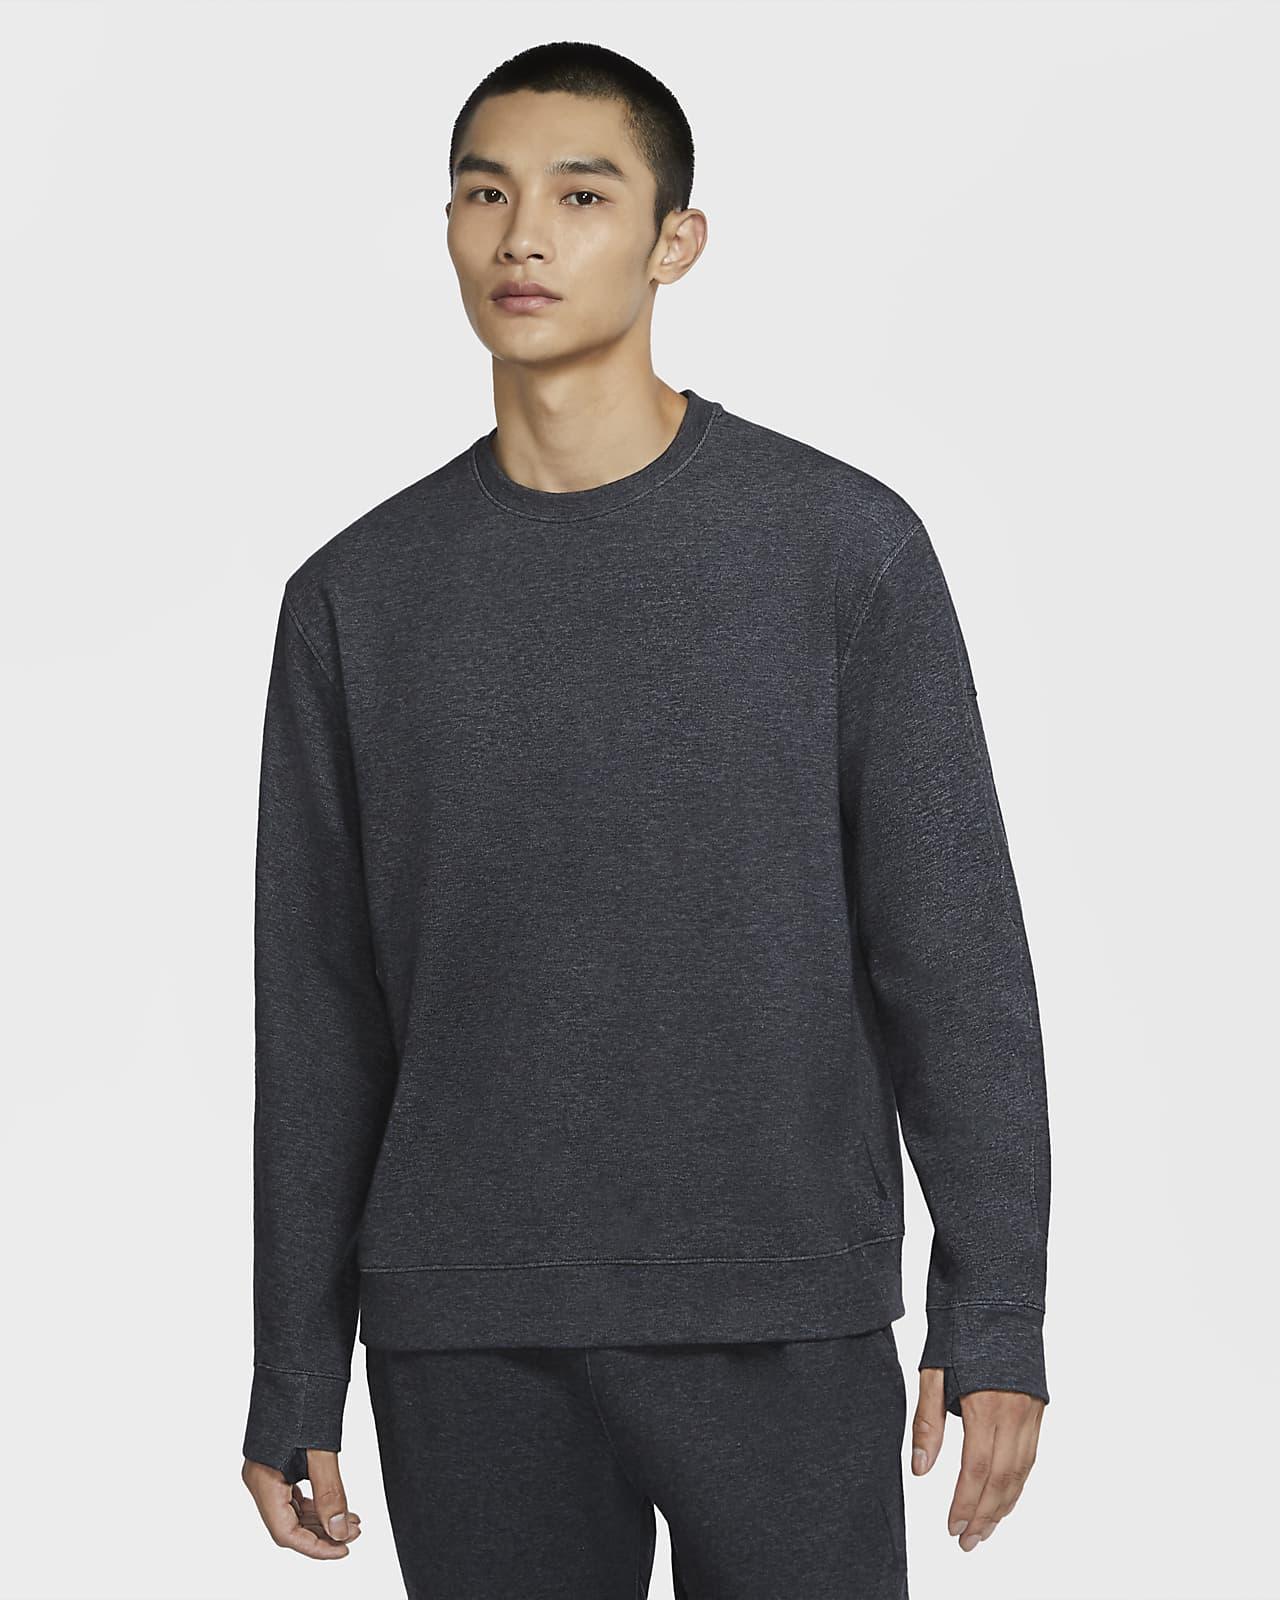 Nike Yoga 男子圆领上衣